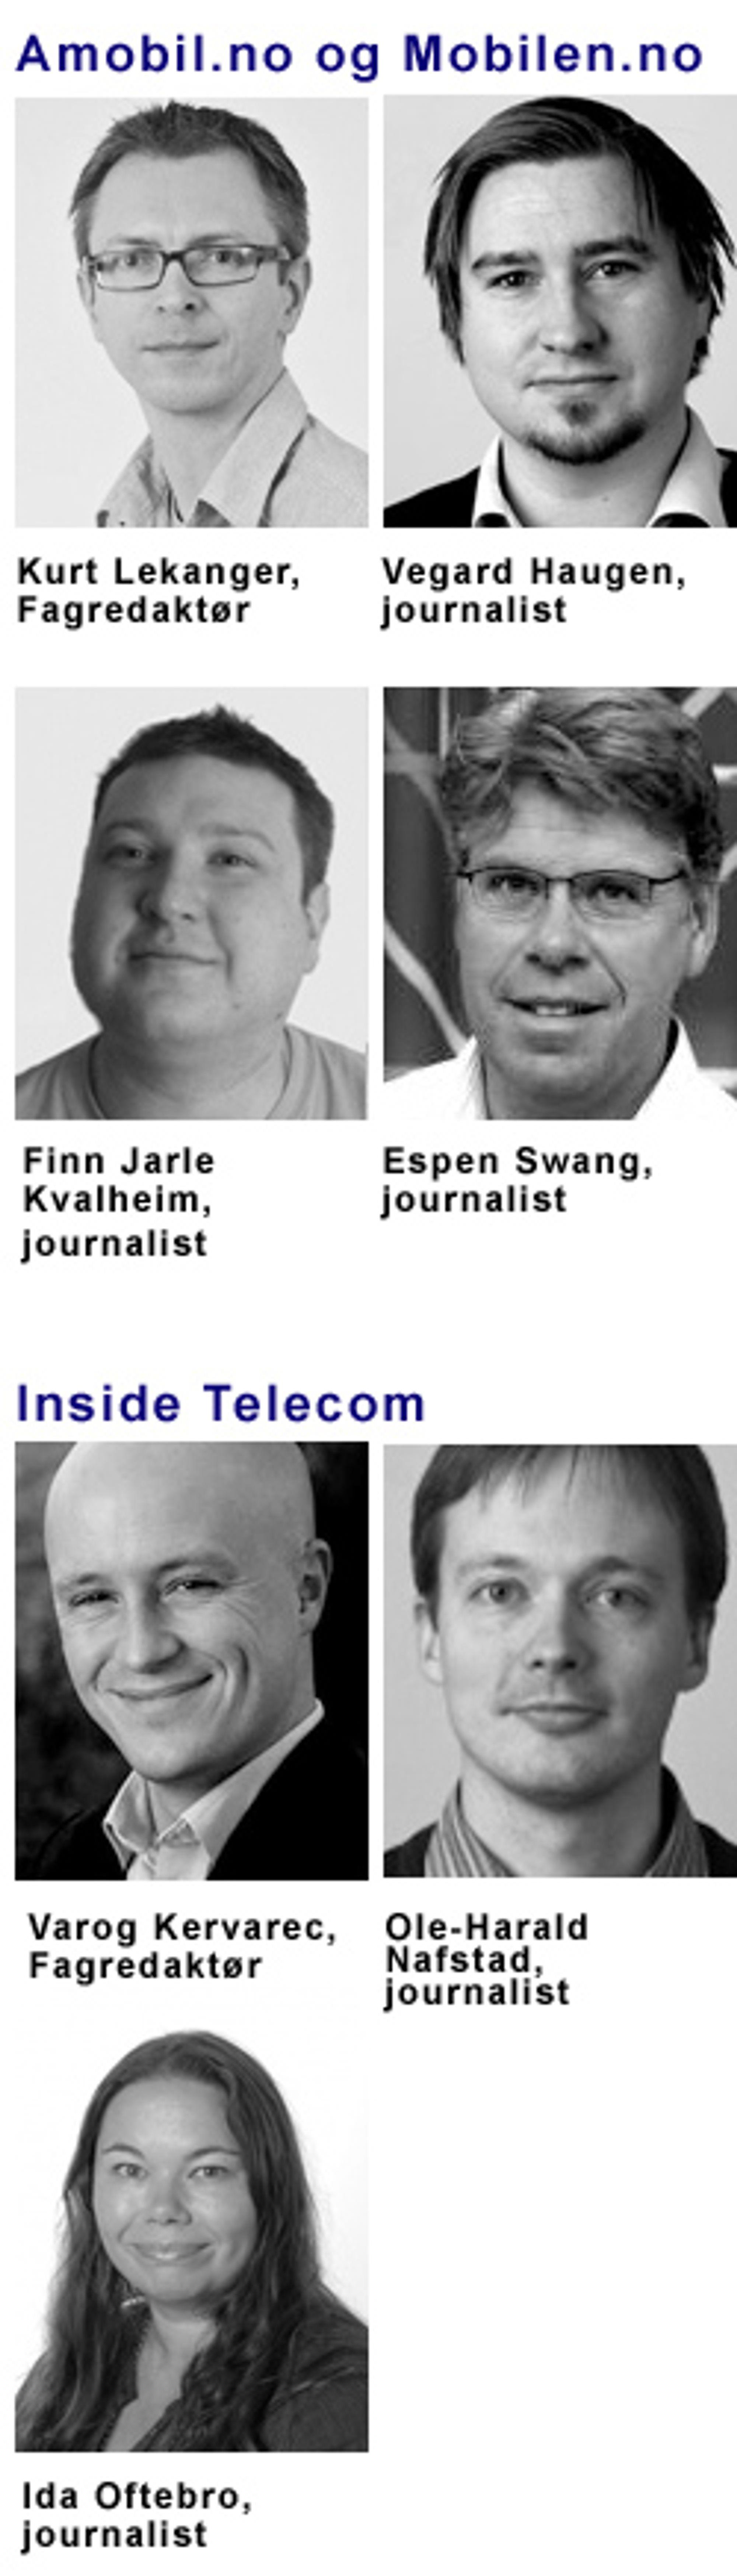 NORGES STØRSTE MOBILREDAKSJON Mobilredaksjonen i Mediehuset Tek teller sju faste journalister, i tillegg til en rekke frilansere.